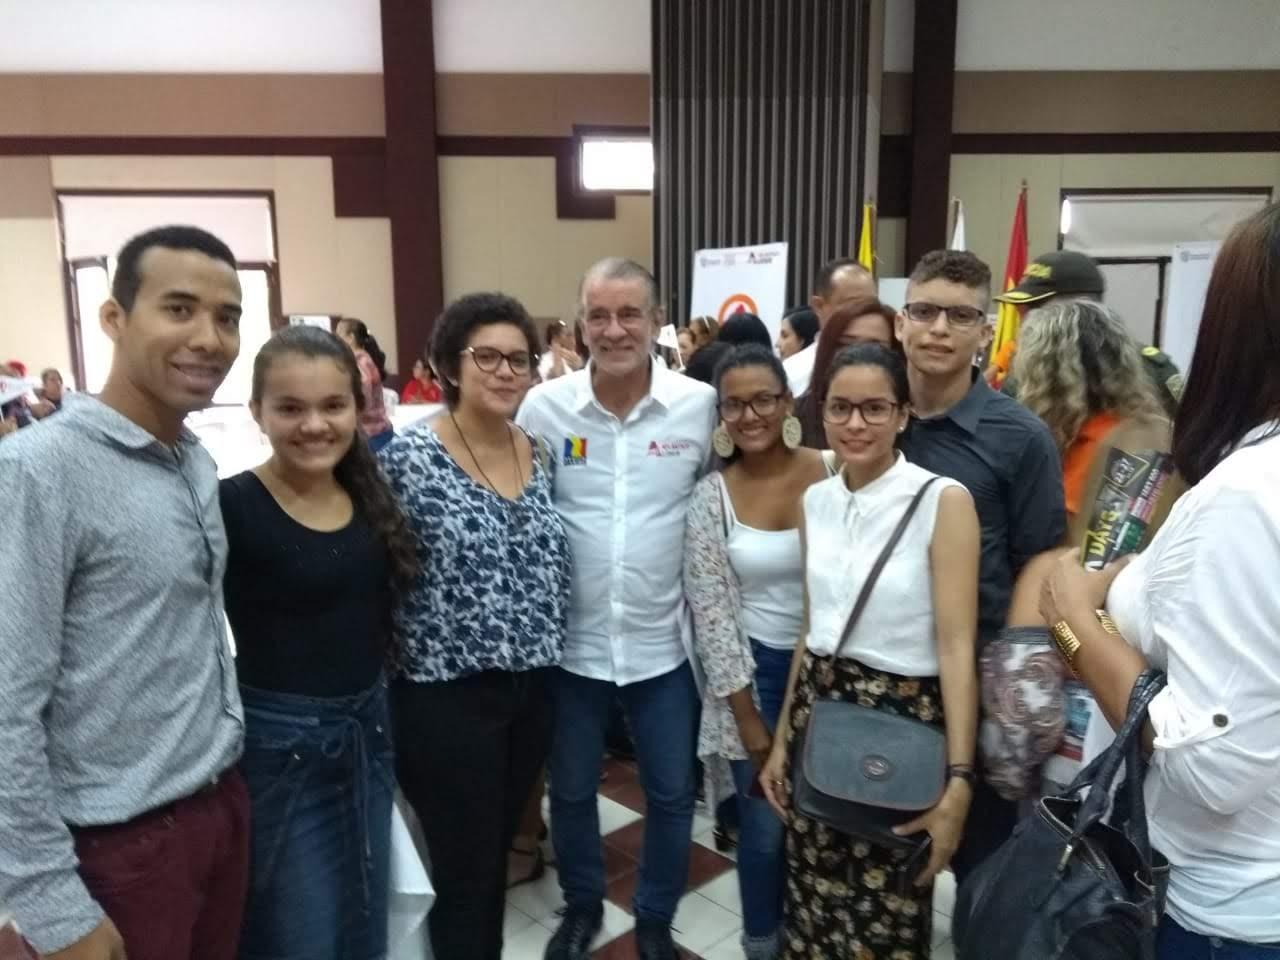 Grupo de investigación SOCLIP y SOCIOCARIBE participan en la Cumbre de Género de la Gobernación del Atlántico.